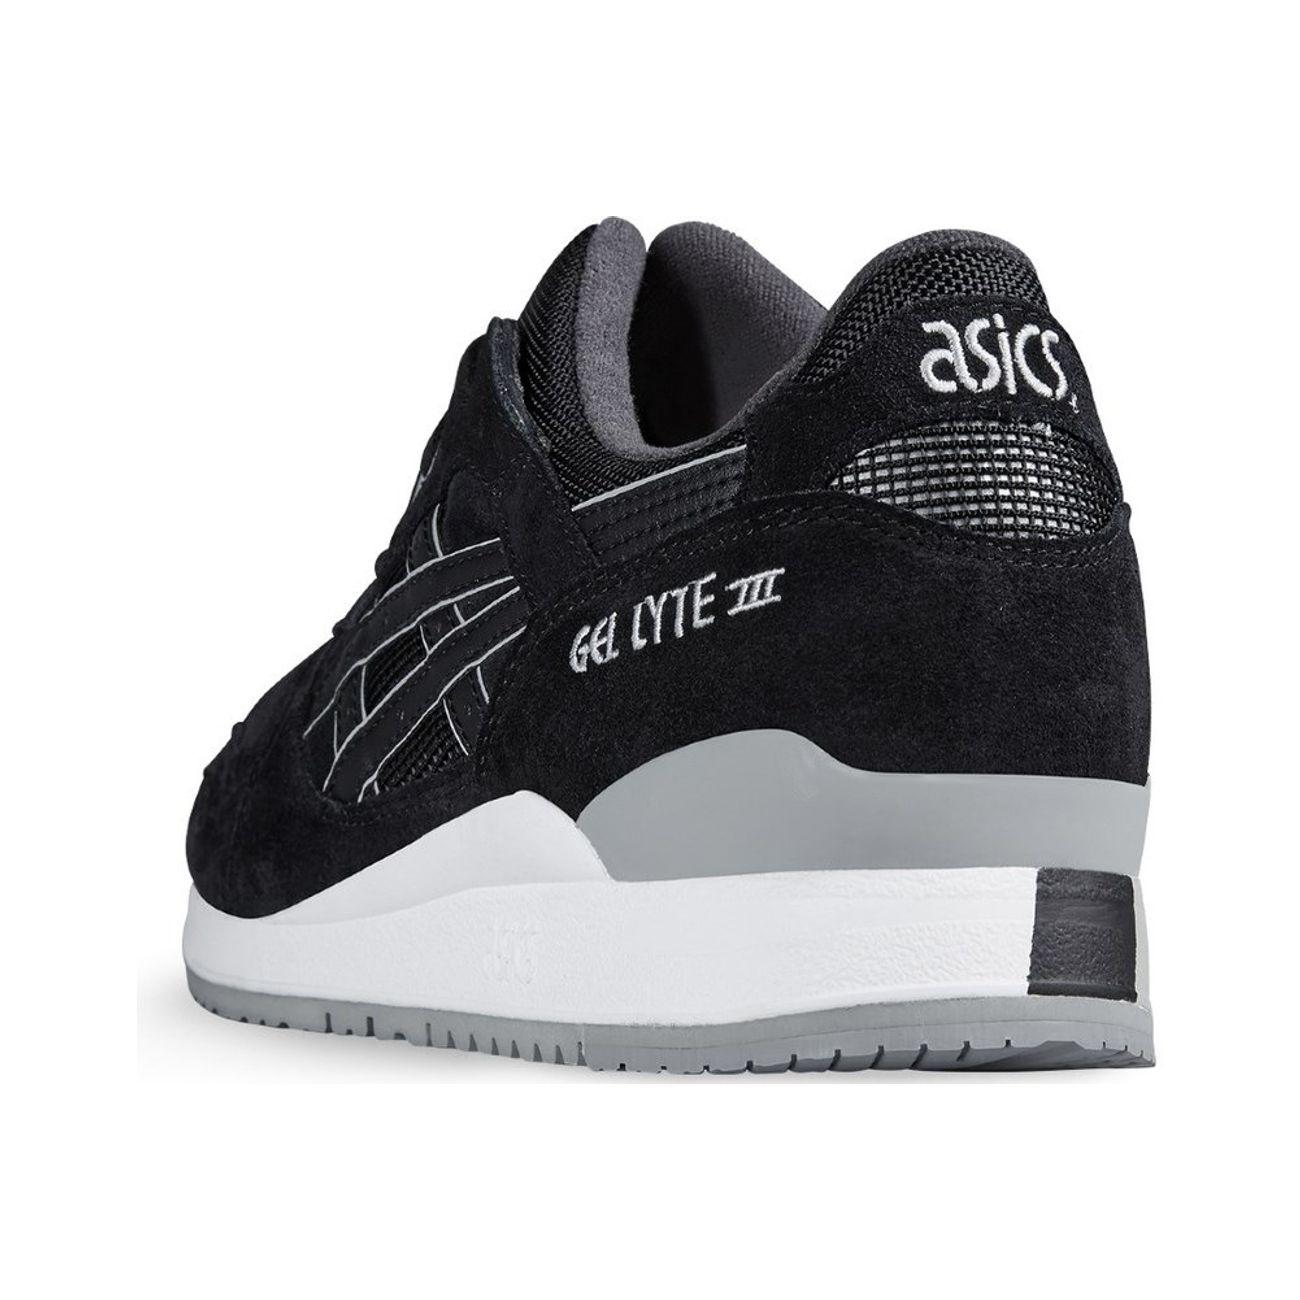 Asics Gel Lyte III H5U3L 9090 H Baskets Noir – Soldes et